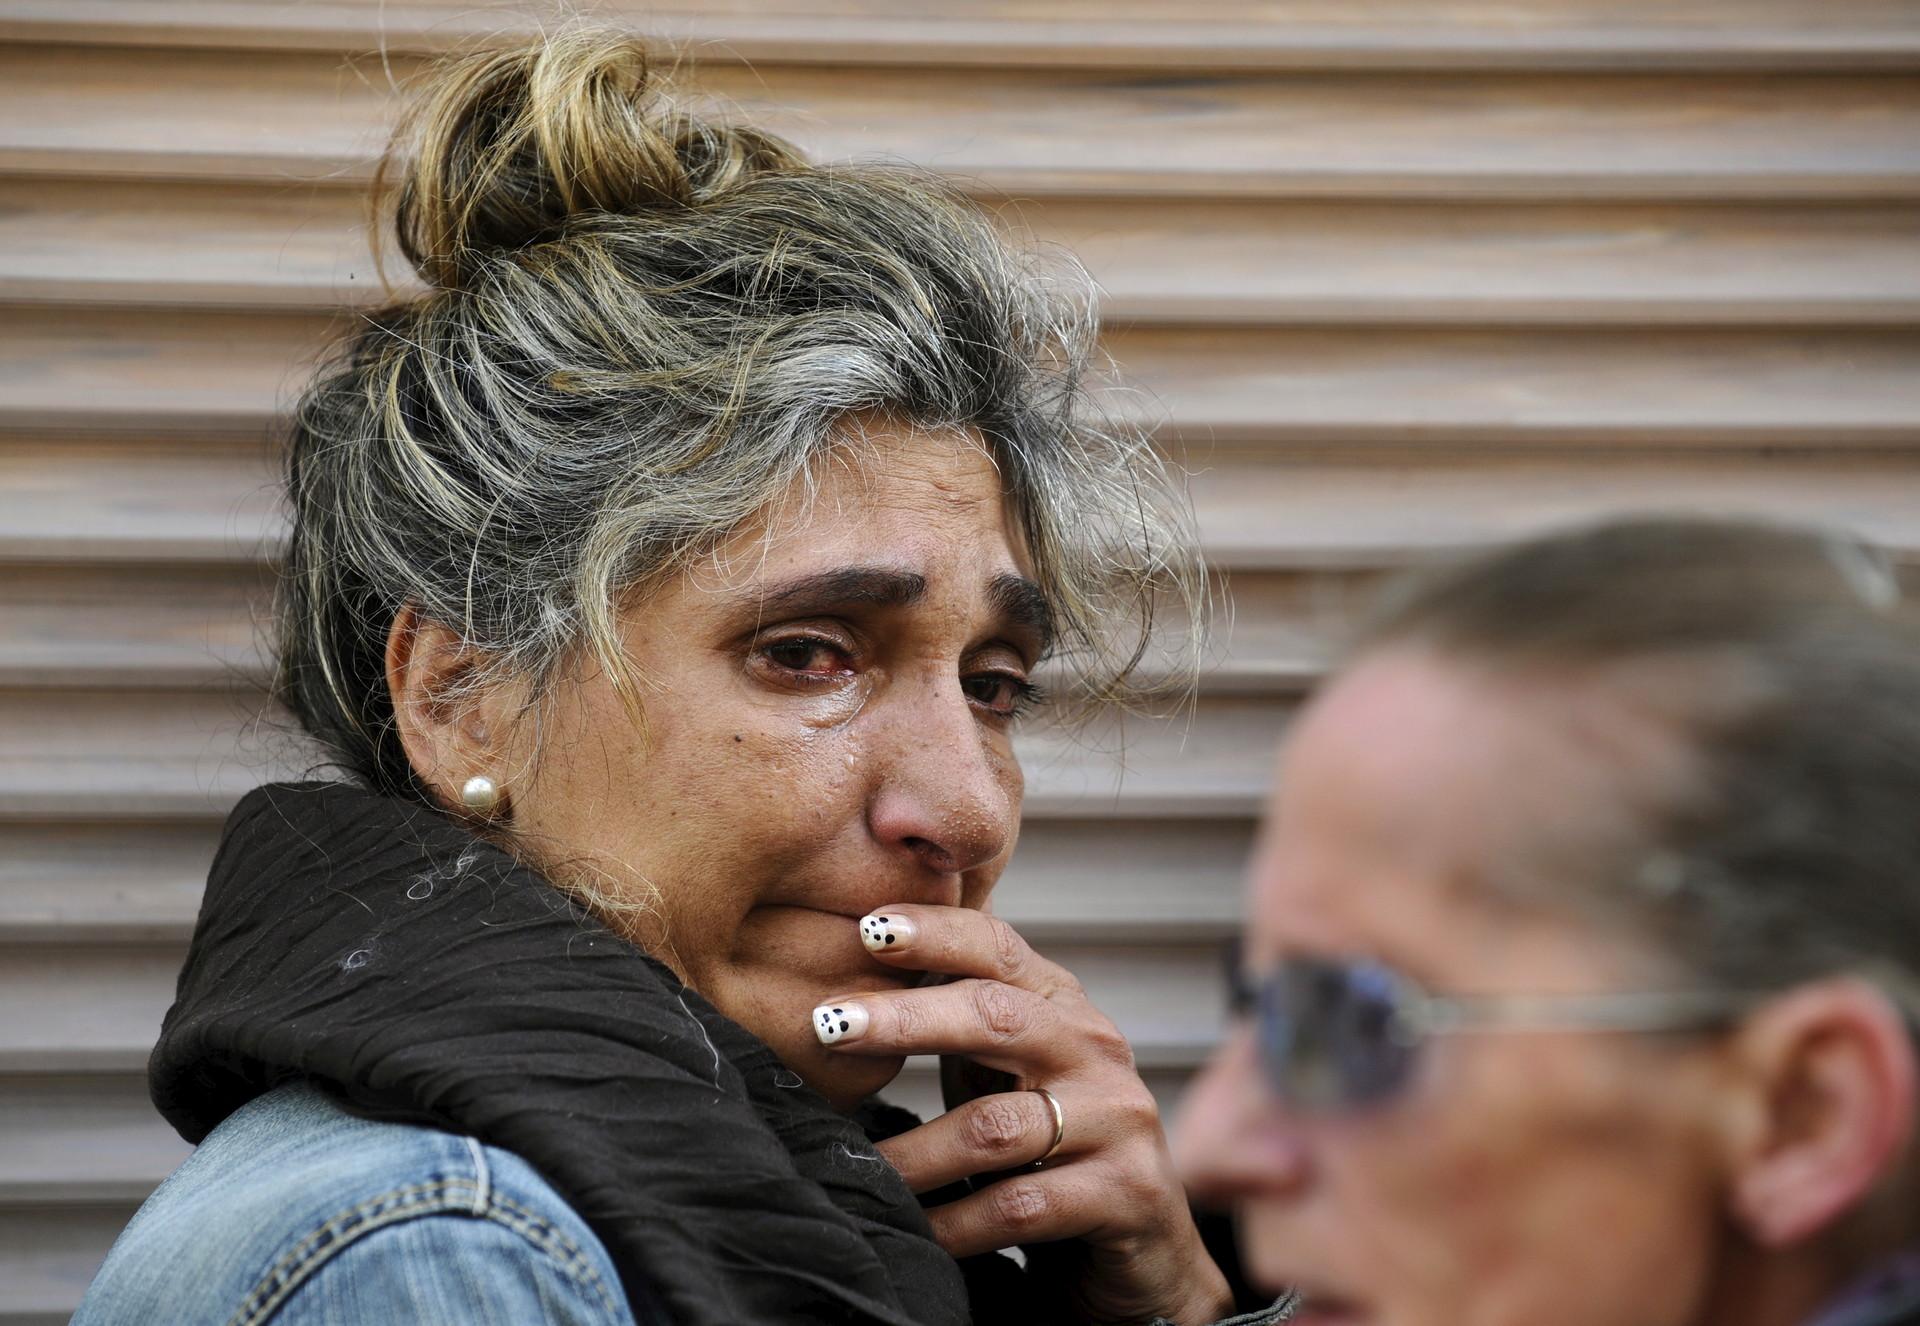 Una amiga de Ángeles Lugilde llora durante su desalojo en Avilés, norte de España, el 20 de abril de 2015.